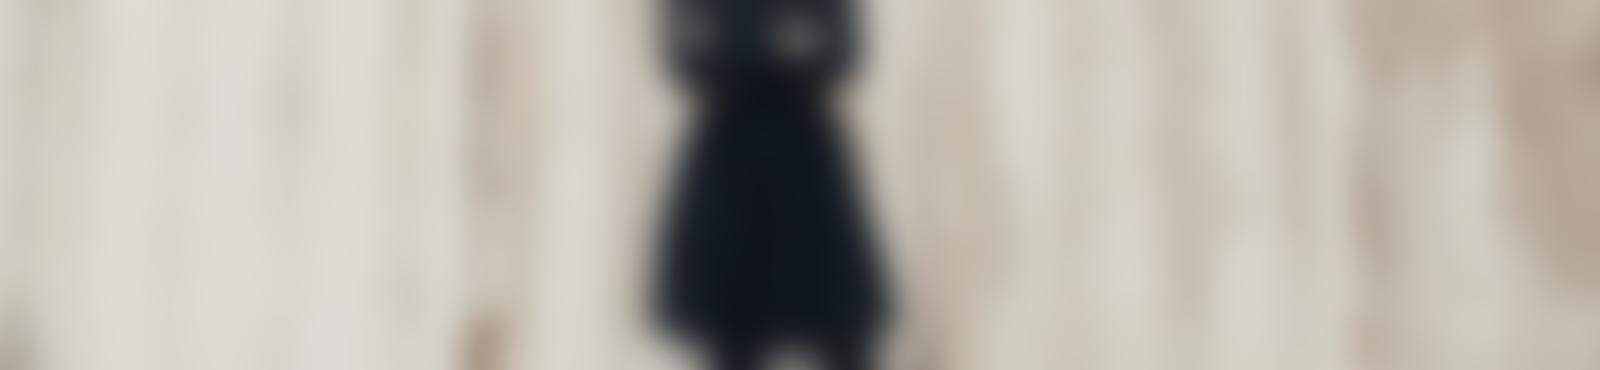 Blurred edef7004 30d9 43c8 a03a b7658a5b6f24